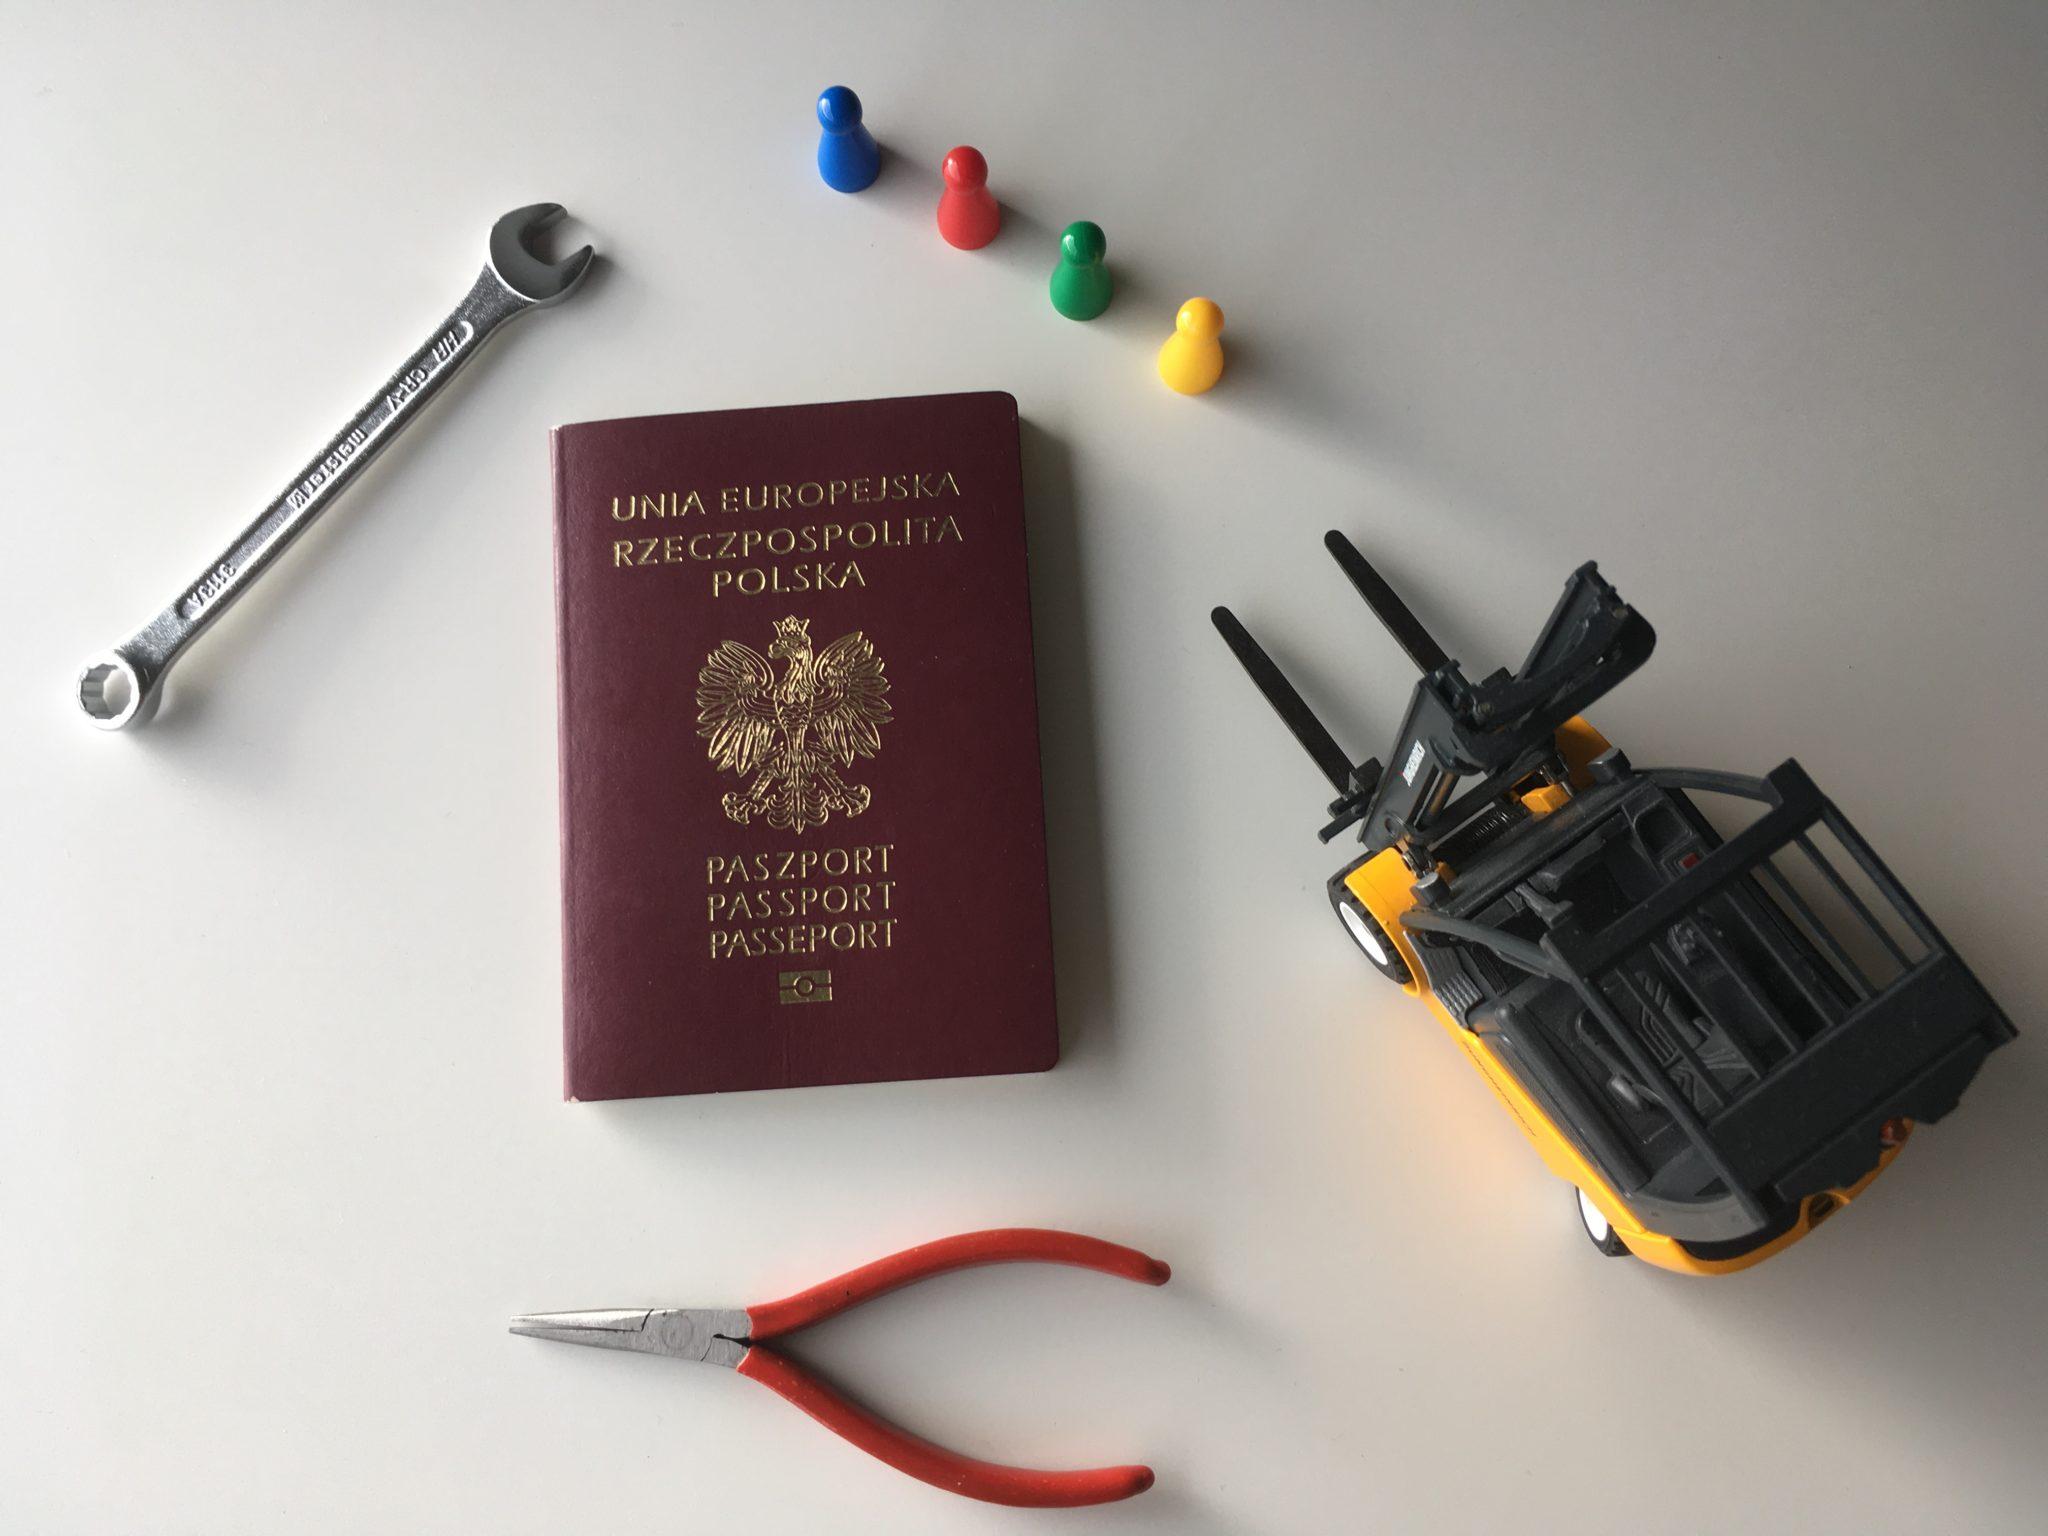 Suche nach polnischen Mitarbeitern für deutsche Unternehmen